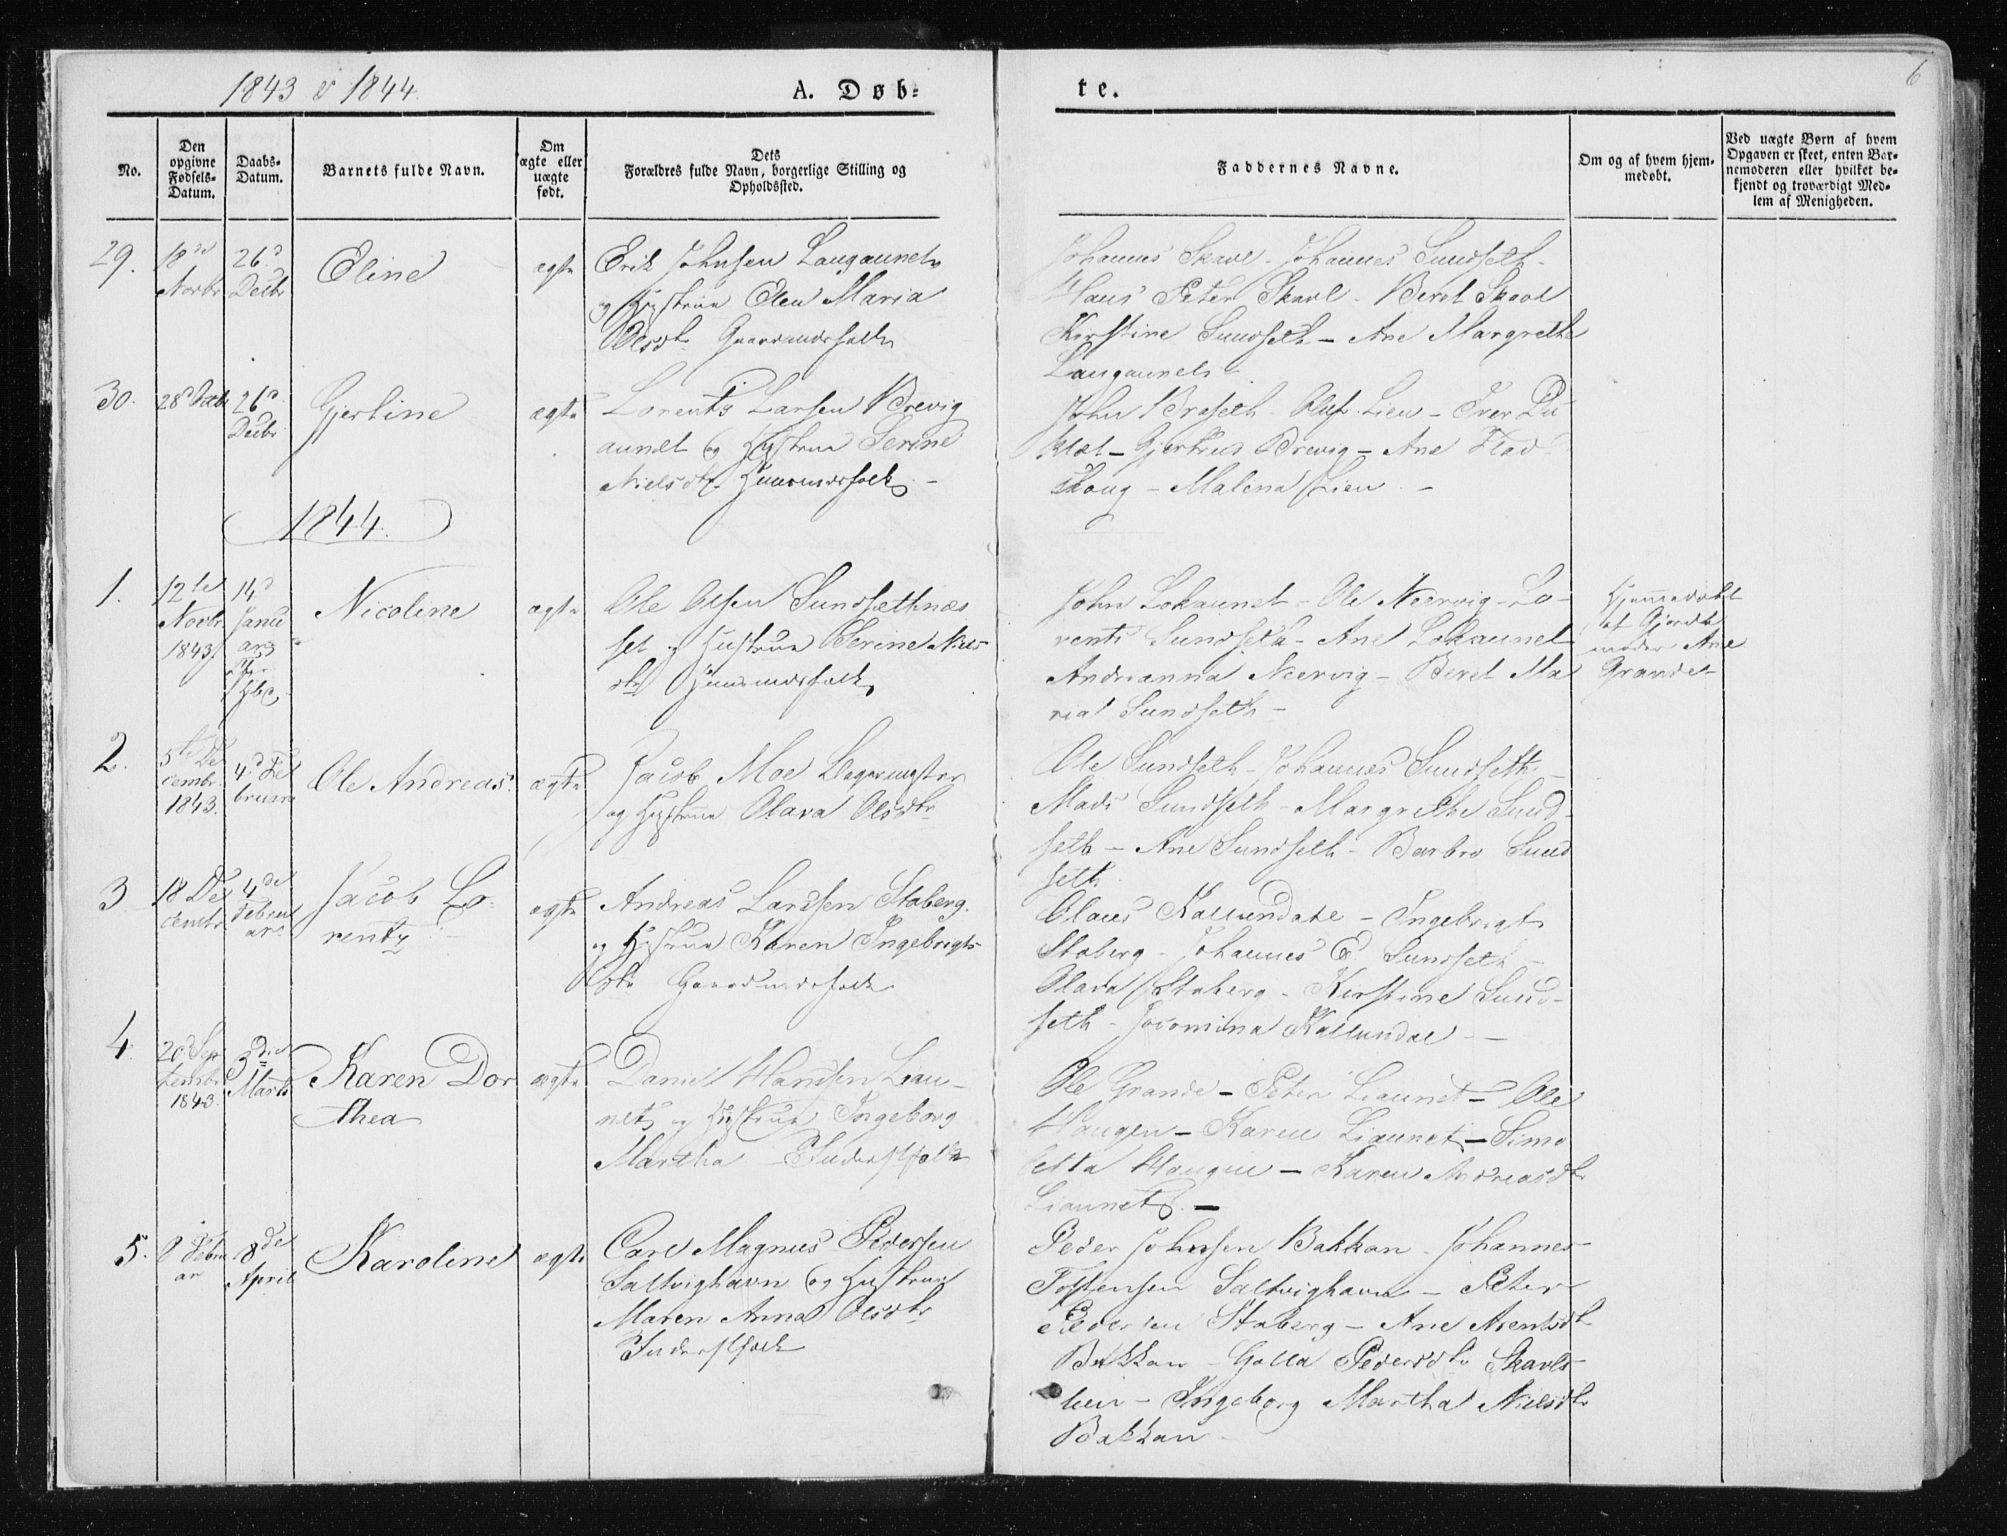 SAT, Ministerialprotokoller, klokkerbøker og fødselsregistre - Nord-Trøndelag, 733/L0323: Ministerialbok nr. 733A02, 1843-1870, s. 6